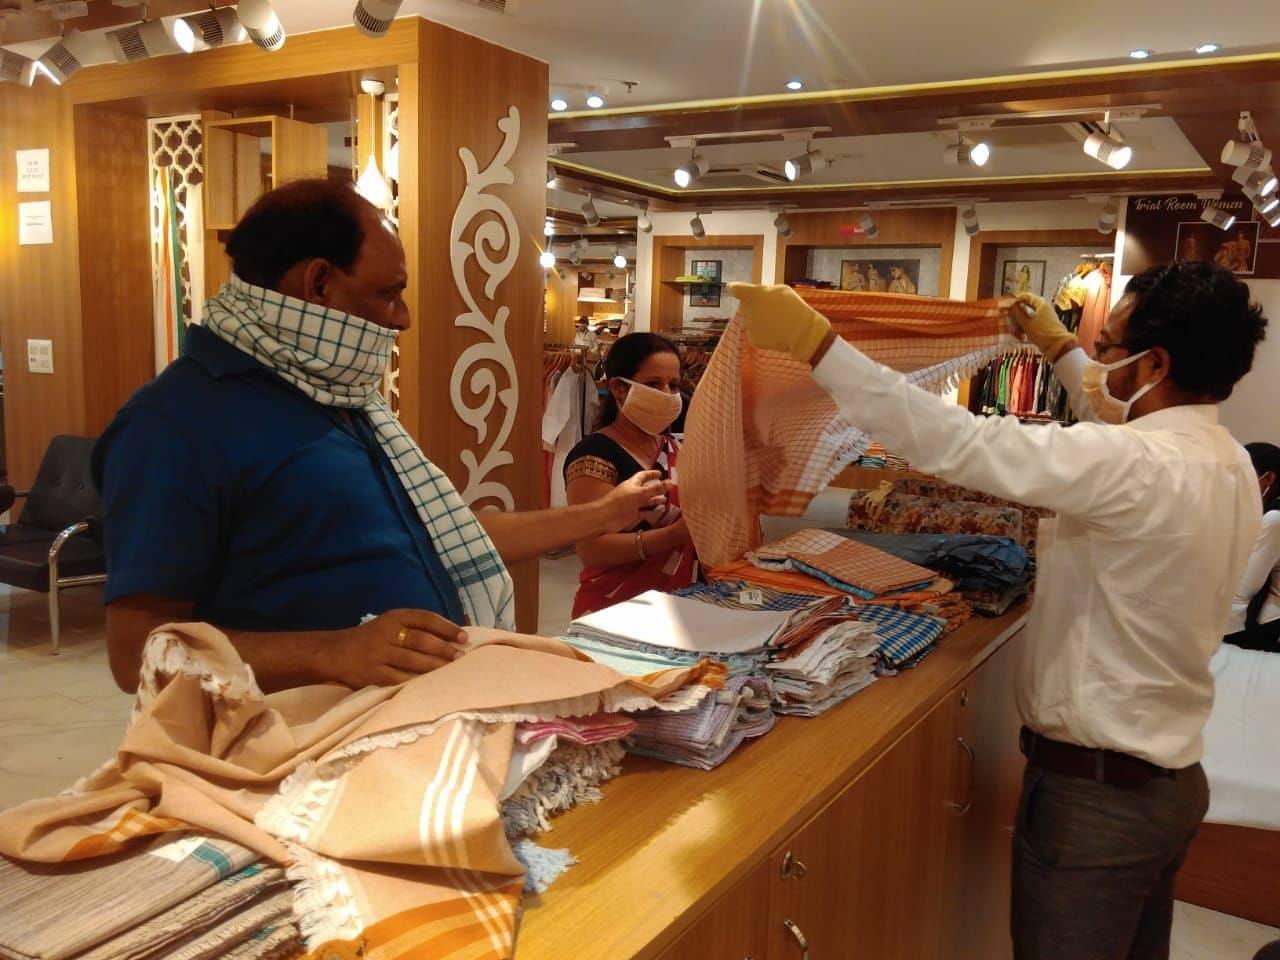 पटना के खादी मॉल में गमछा के स्टॉल पर एक ग्राहक।